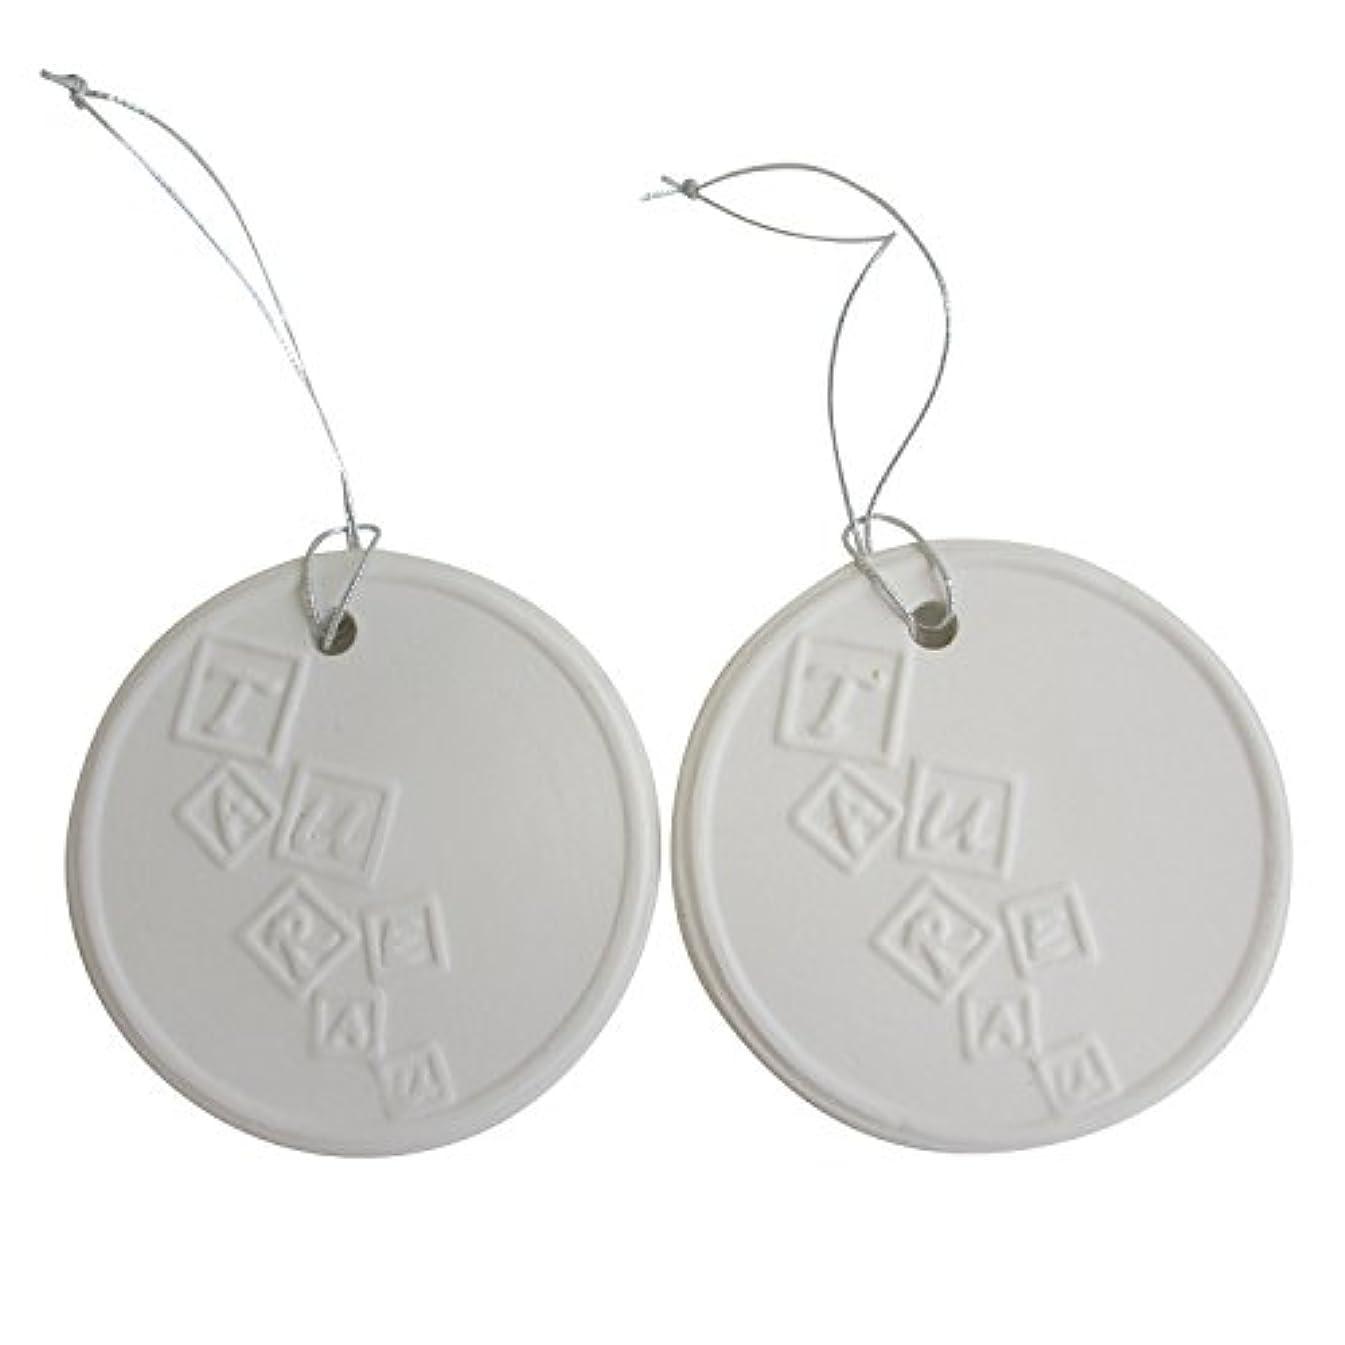 離れた活力罹患率アロマストーン ホワイトコイン 2セット(ロゴ2) アクセサリー 小物 キーホルダー アロマディフューザー ペンダント 陶器製